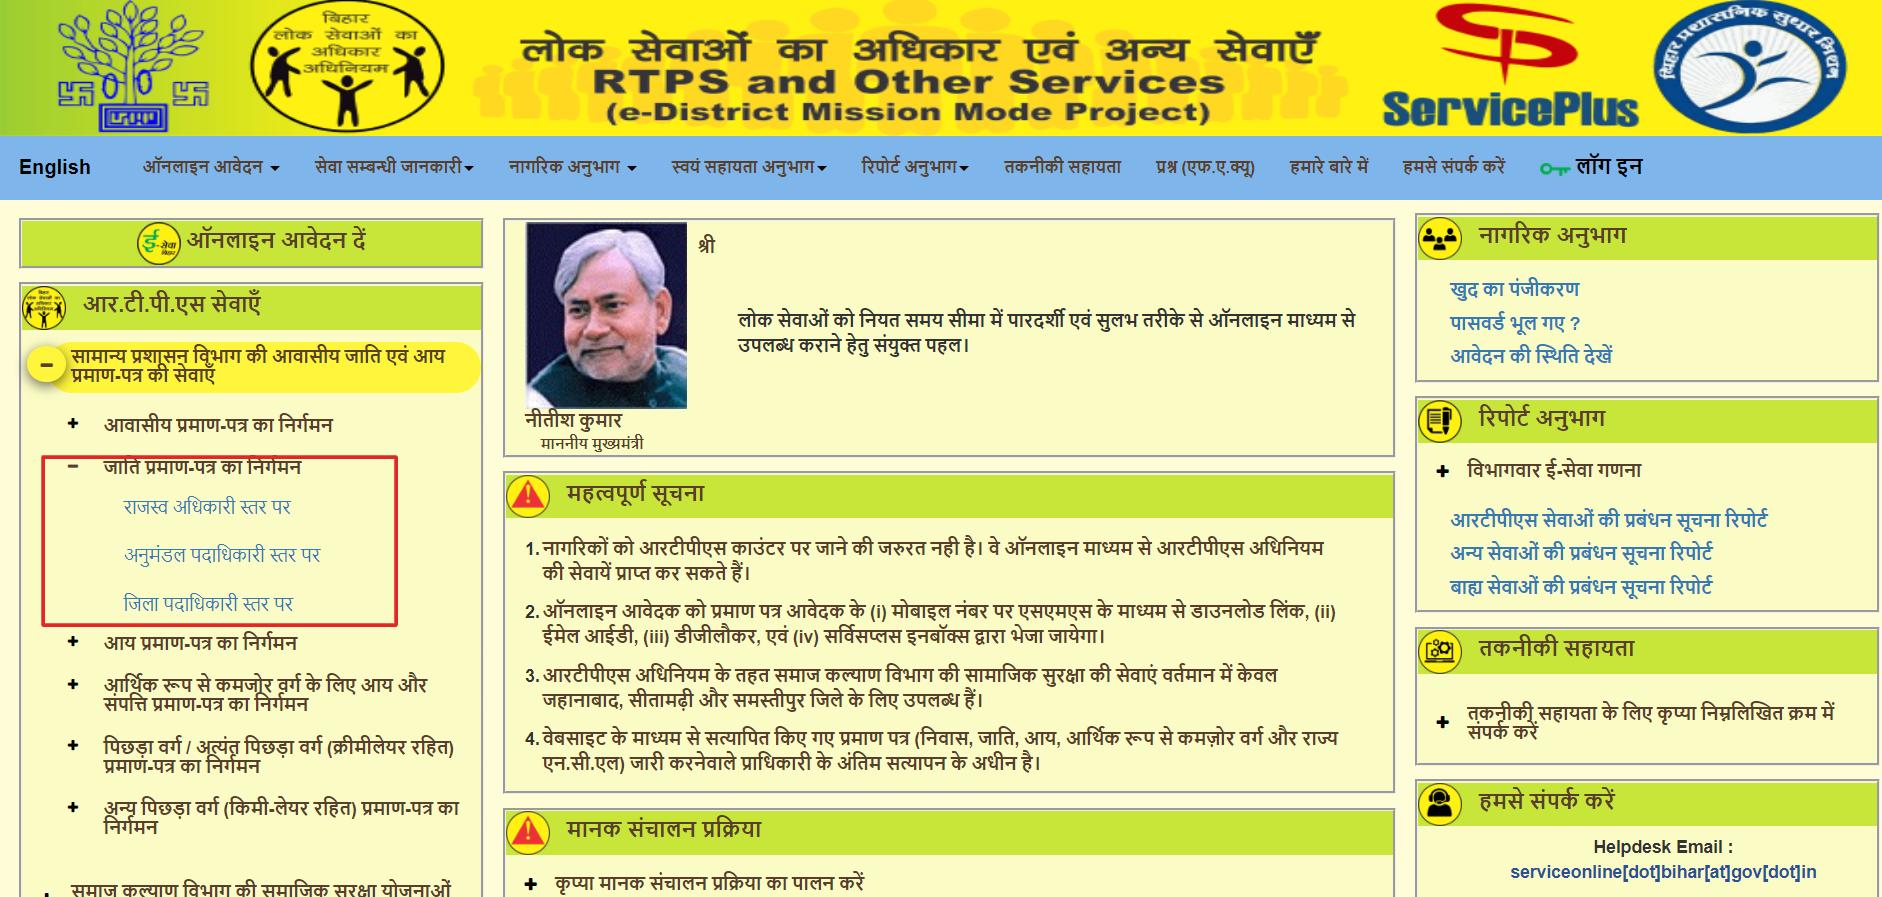 आरटीपीएस-बिहार-आय-जाति-प्रमाण-पत्र-ऑनलाइन-आवेदन